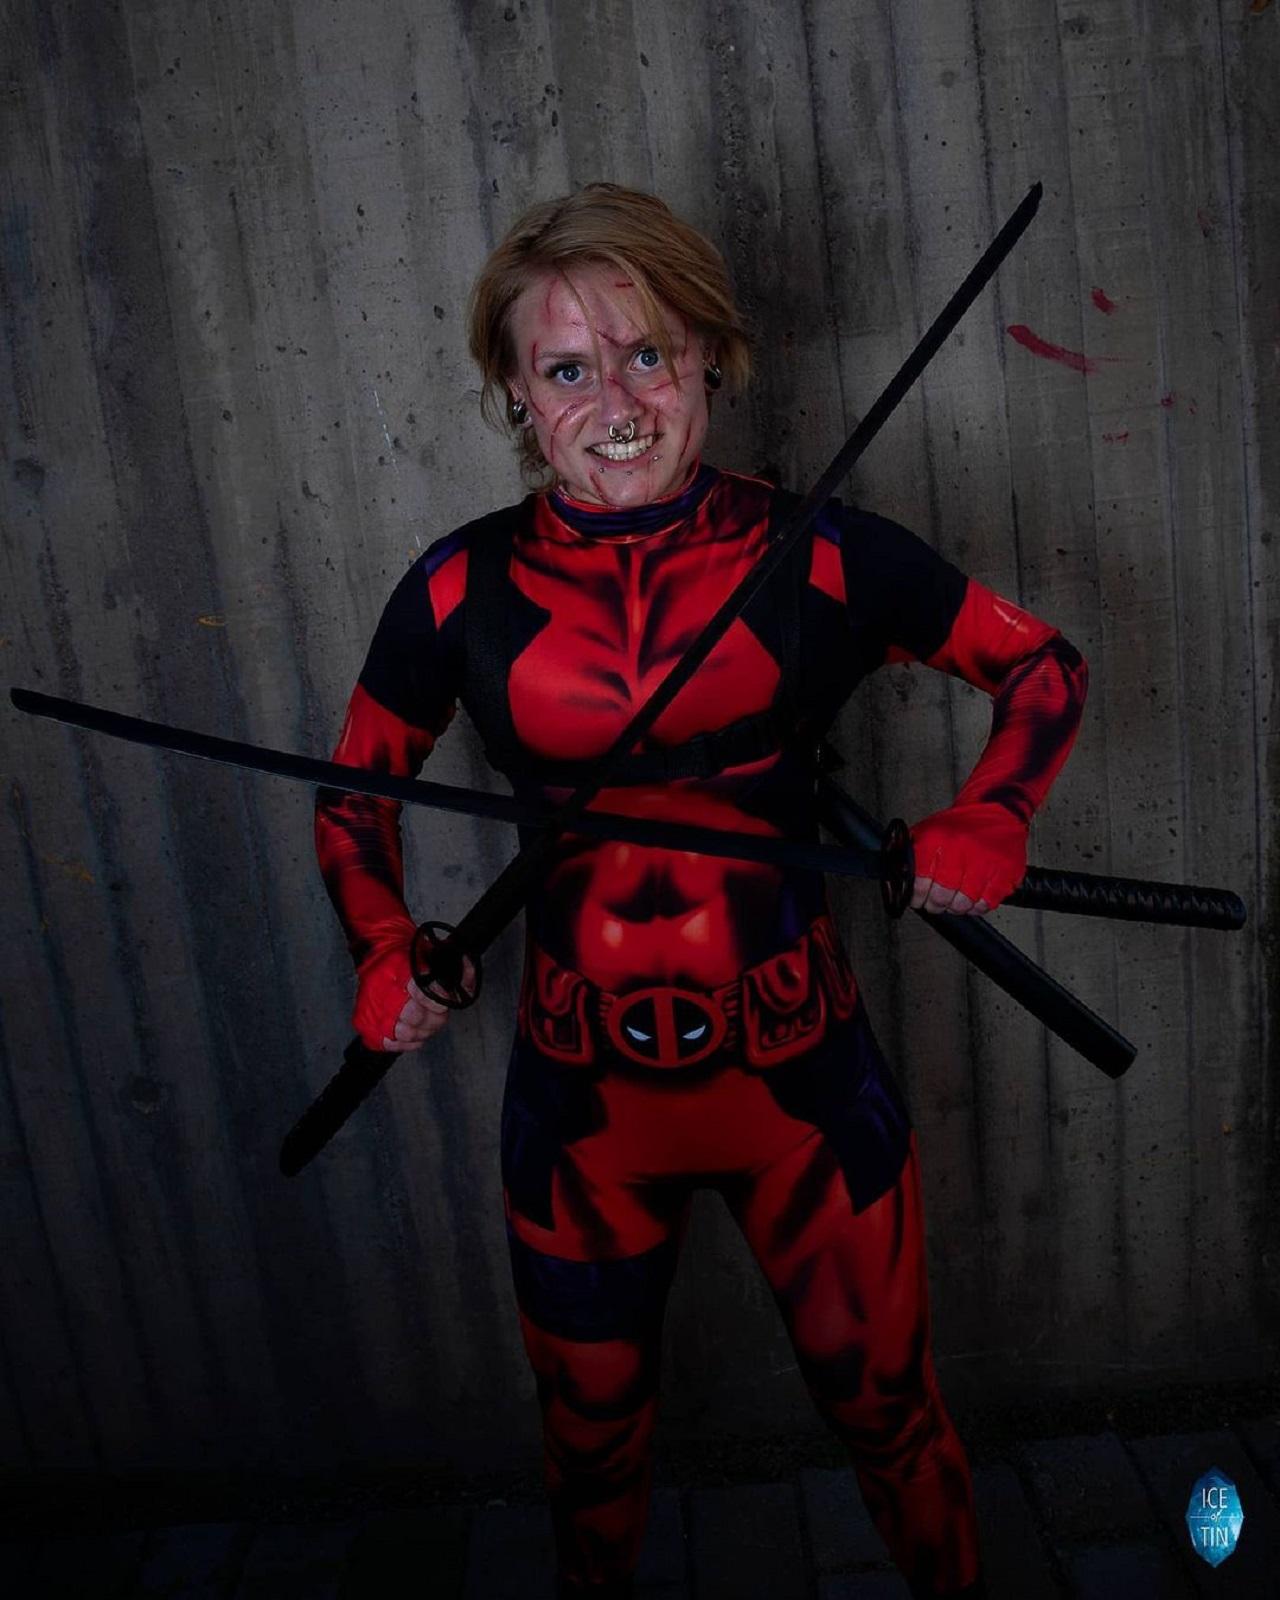 Cosplay femenino de Deadpool